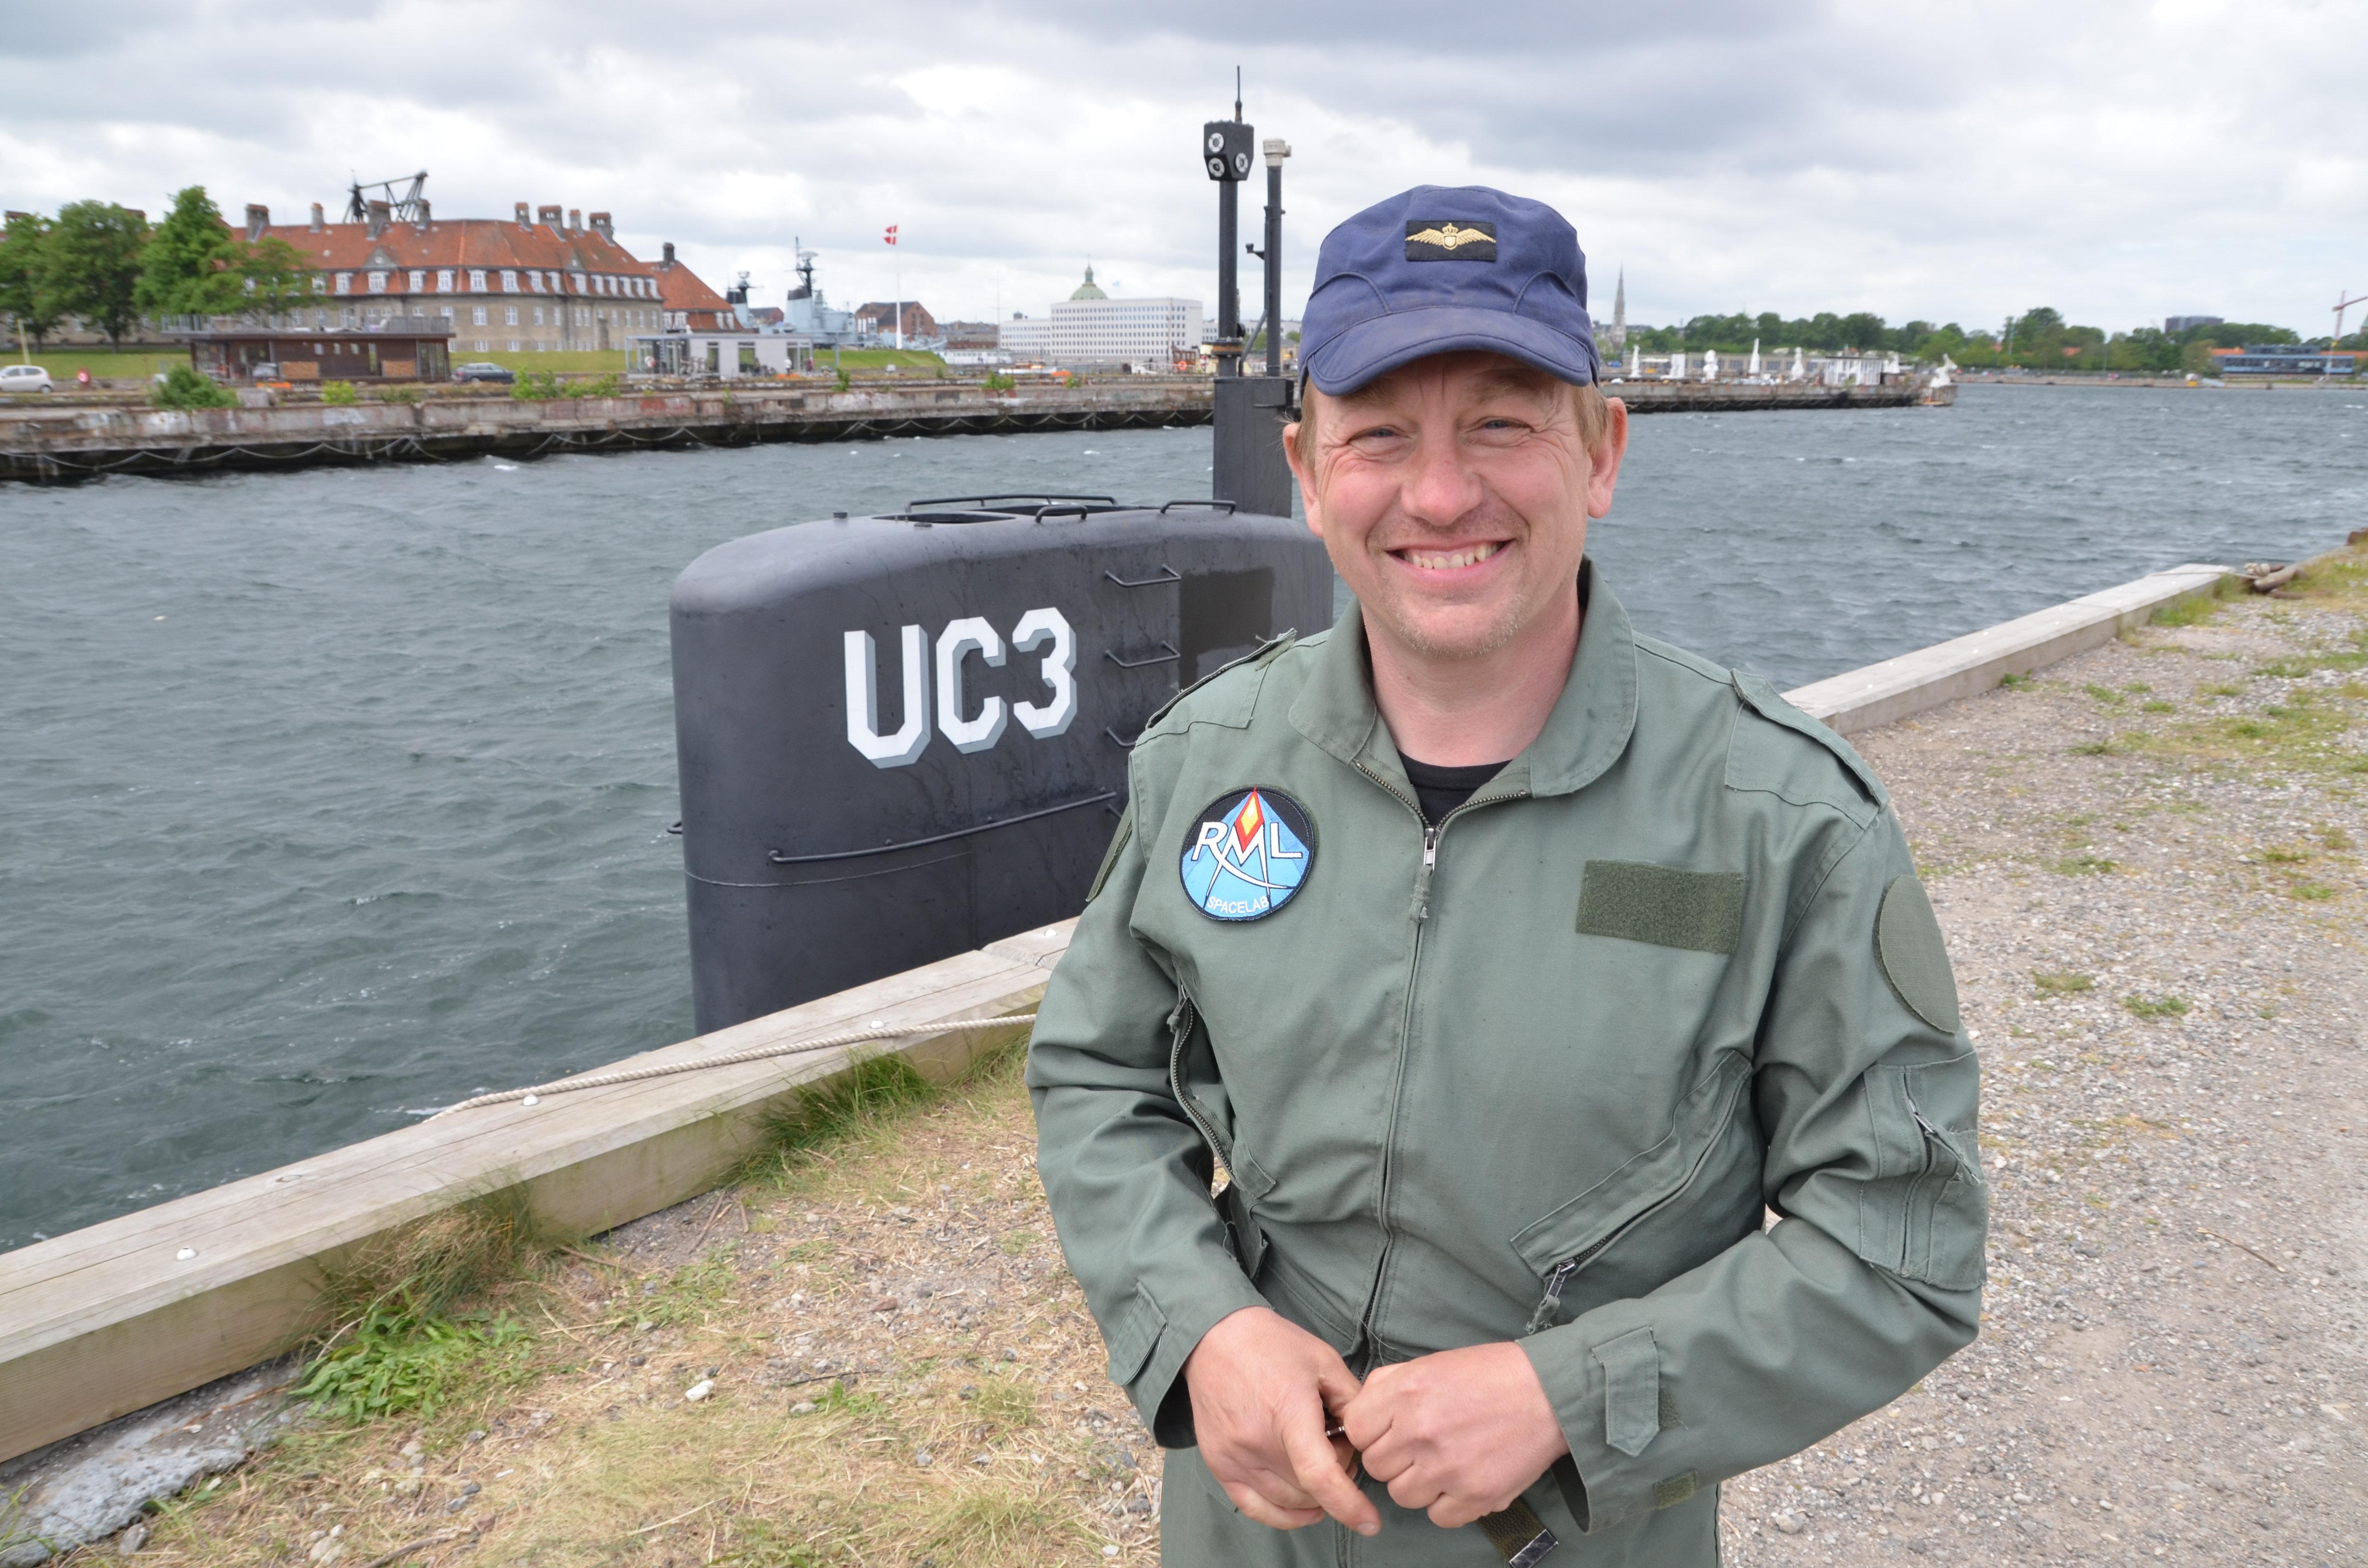 Ισόβια στον Δανό εφευρέτη Μάντσεν. Σκότωσε δημοσιογράφο στο υποβρύχιο του, ασέλγησε στο πτώμα της και το